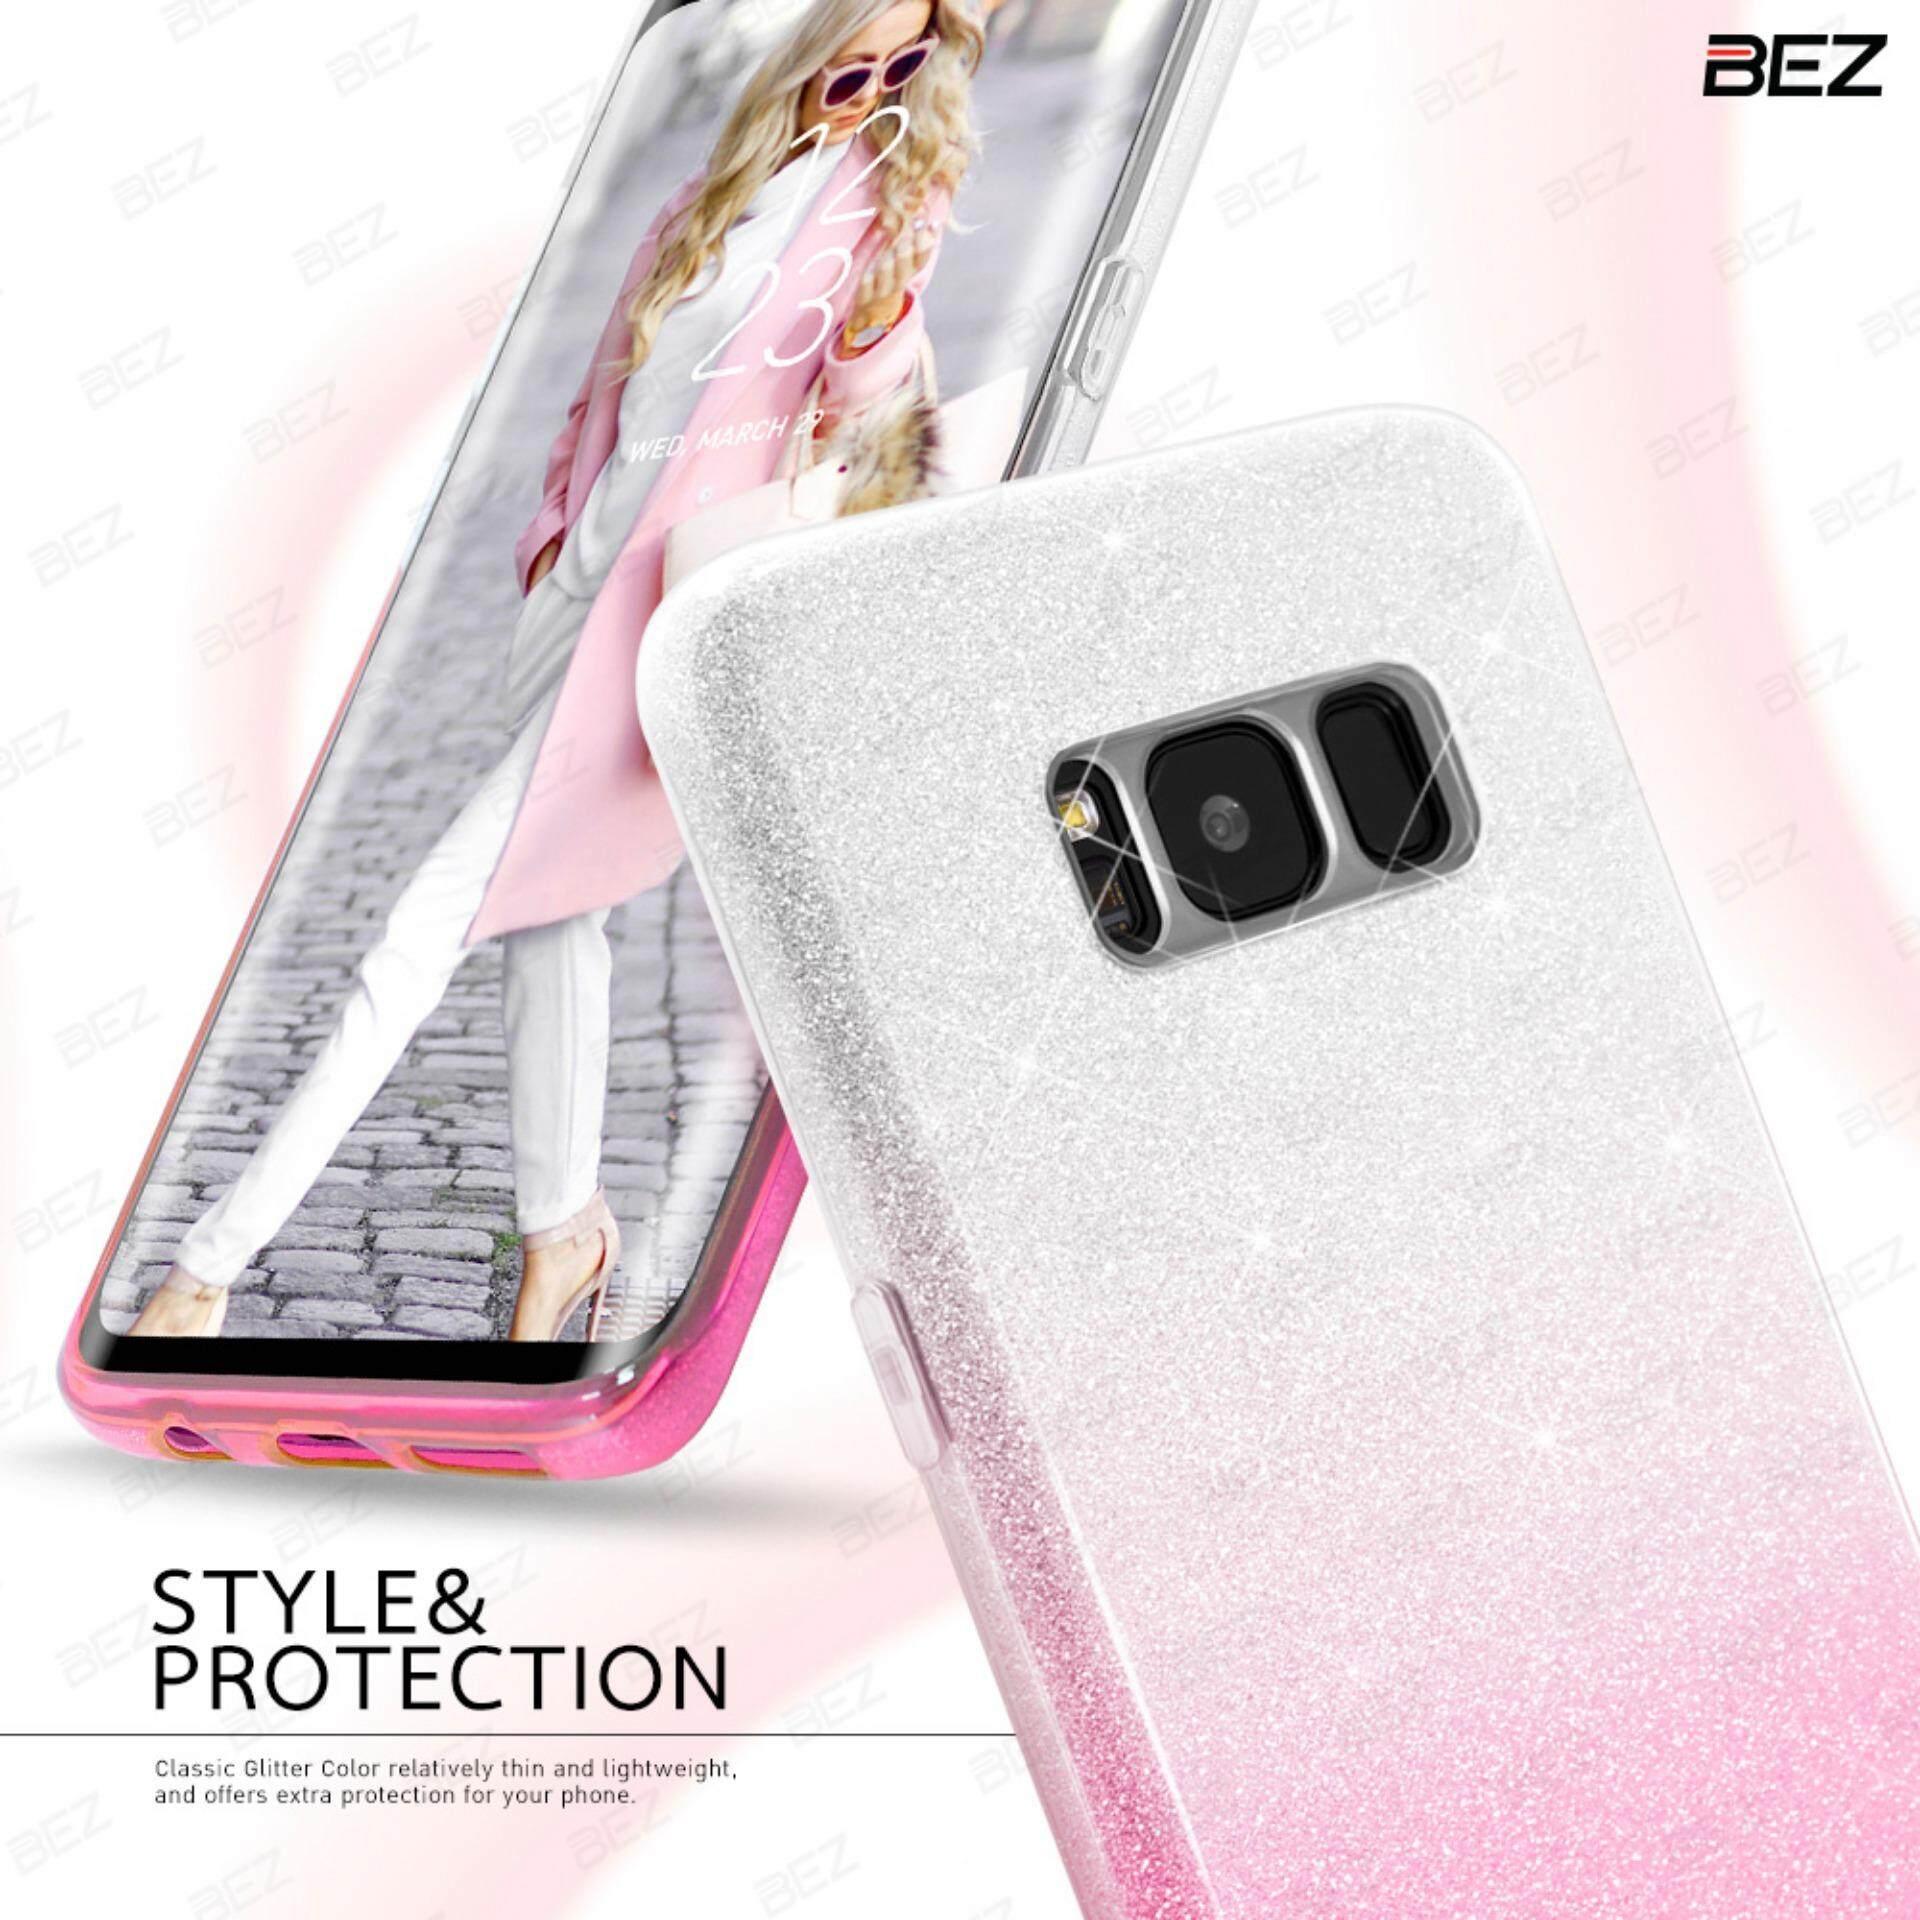 ราคา เคส S8 เคสSamsung S8 เคสซัมซุง S8 Cases Galaxy S8 Bez® เคสมือถือ ฟรุ้งฟริ้ง คริสตัล ติดกากเพชร ซิลิโคน เคสฝาหลัง กันกระแทก Bez® Samsung Galaxy S8 Glitter Bling Bling Phone Case Jg2 Gs8 ที่สุด